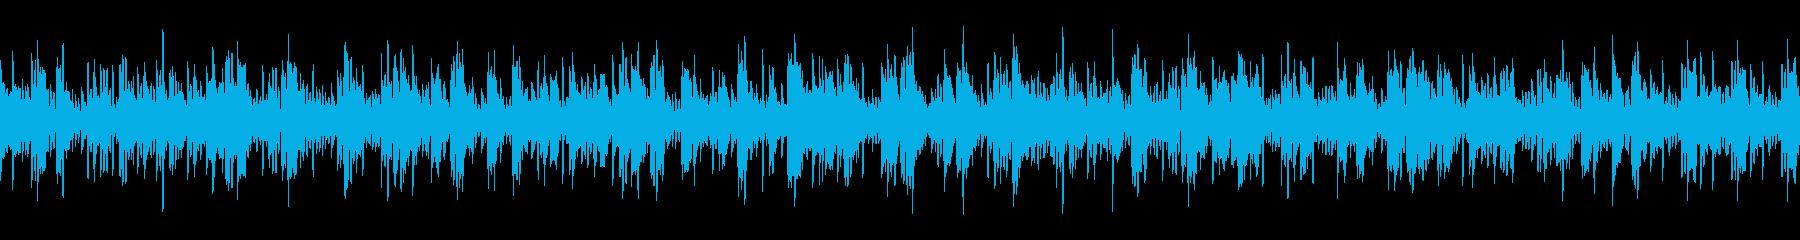 チルアウト・キラキラ・メルヘン・神秘的の再生済みの波形